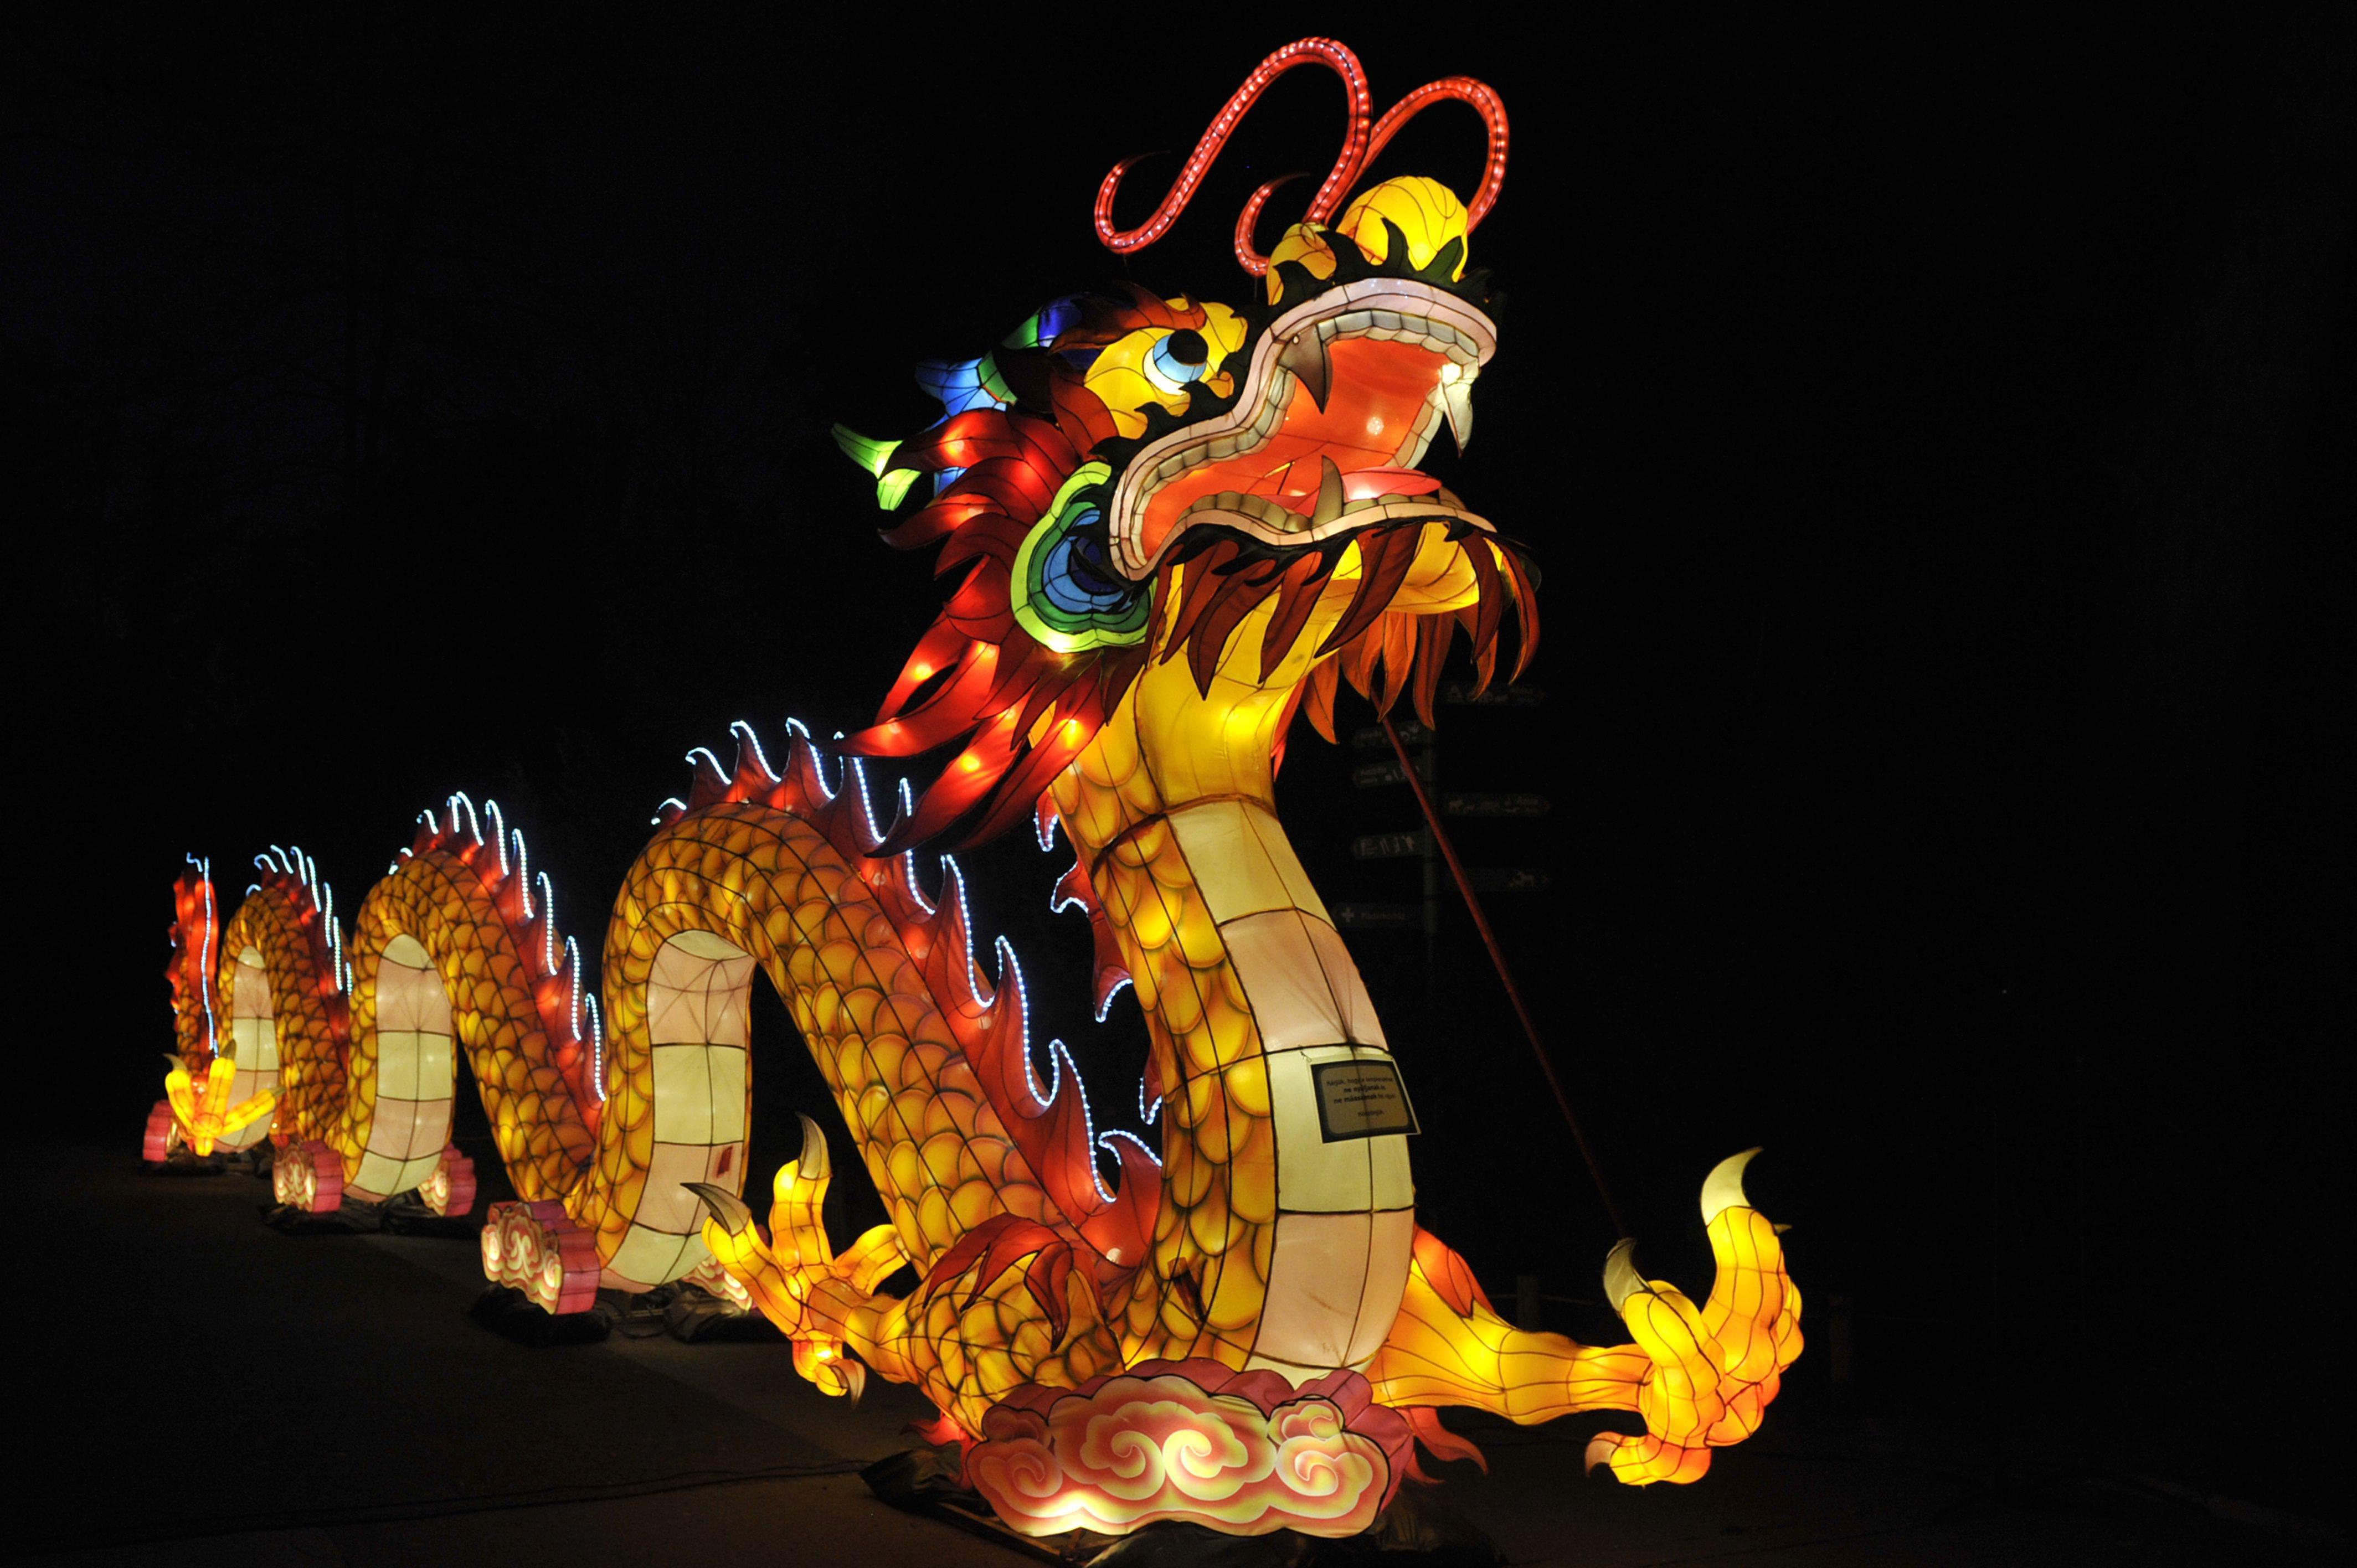 Megkezdődött a kínai lampionfesztivál a Fővárosi Állatkertben